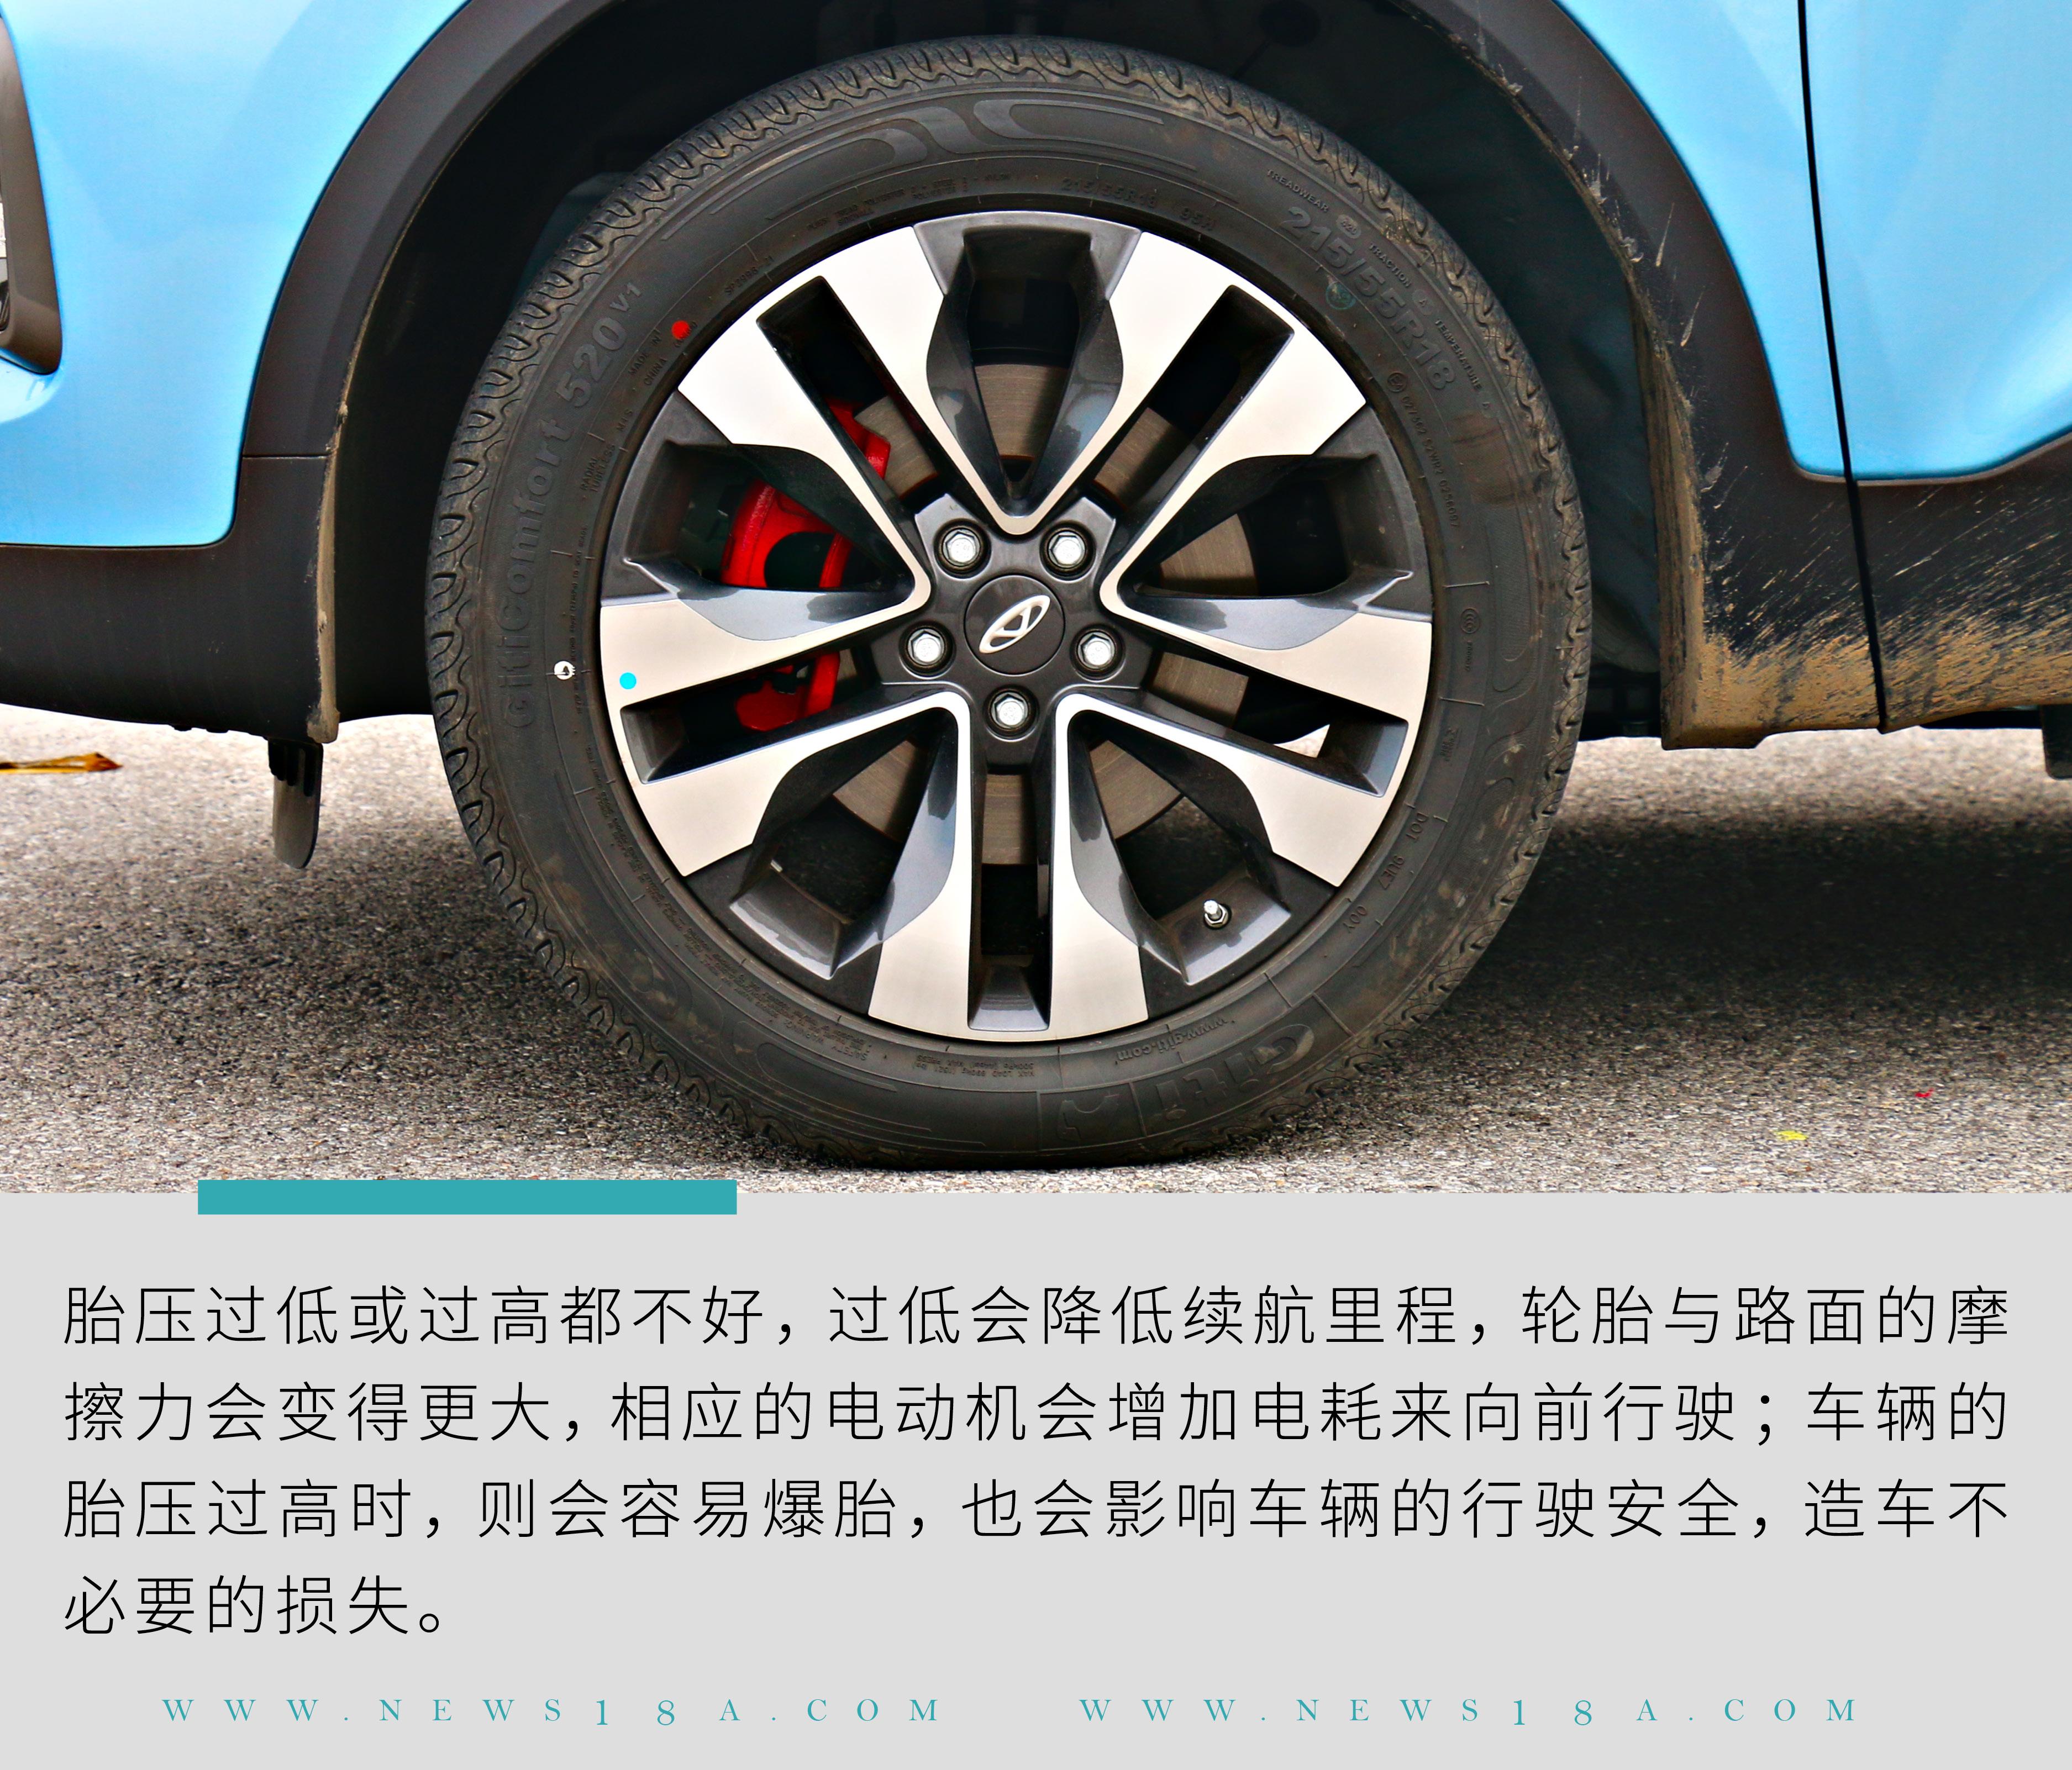 冬季电动汽车用车指南 要注意的可比燃油车多